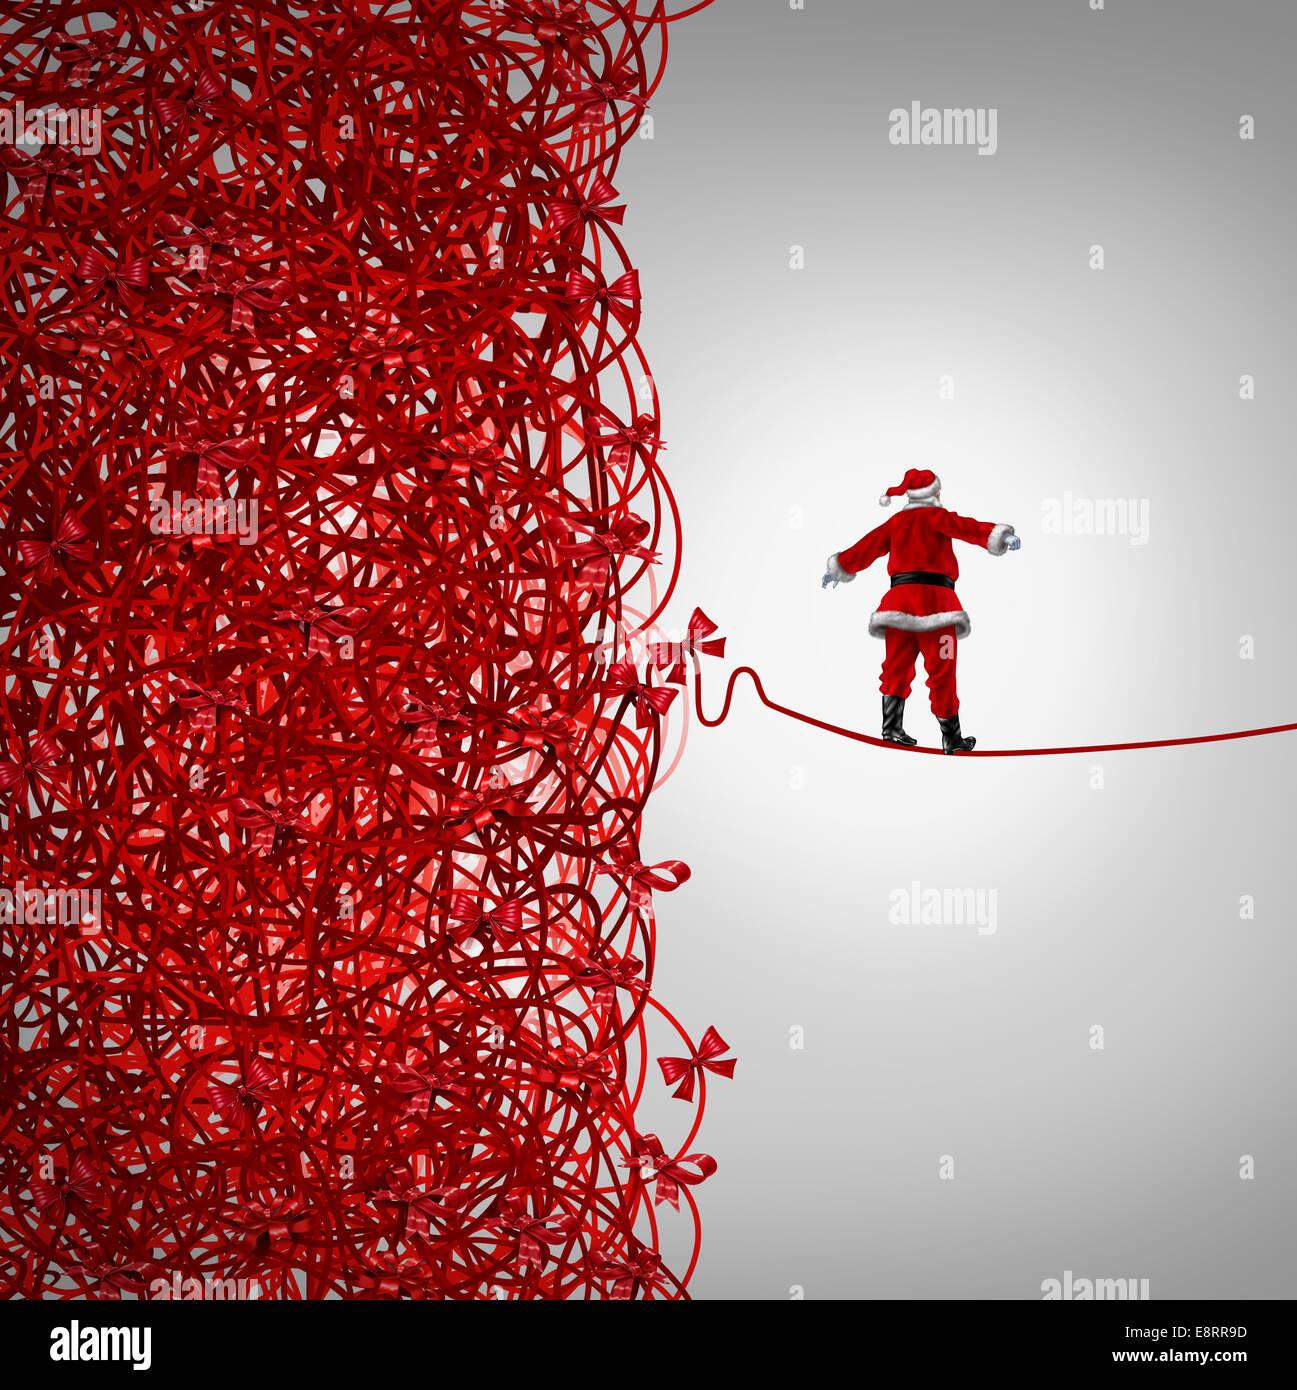 Santa Claus de vacaciones y la libertad de gestión de crisis de regalos como un concepto con santaclause como Imagen De Stock